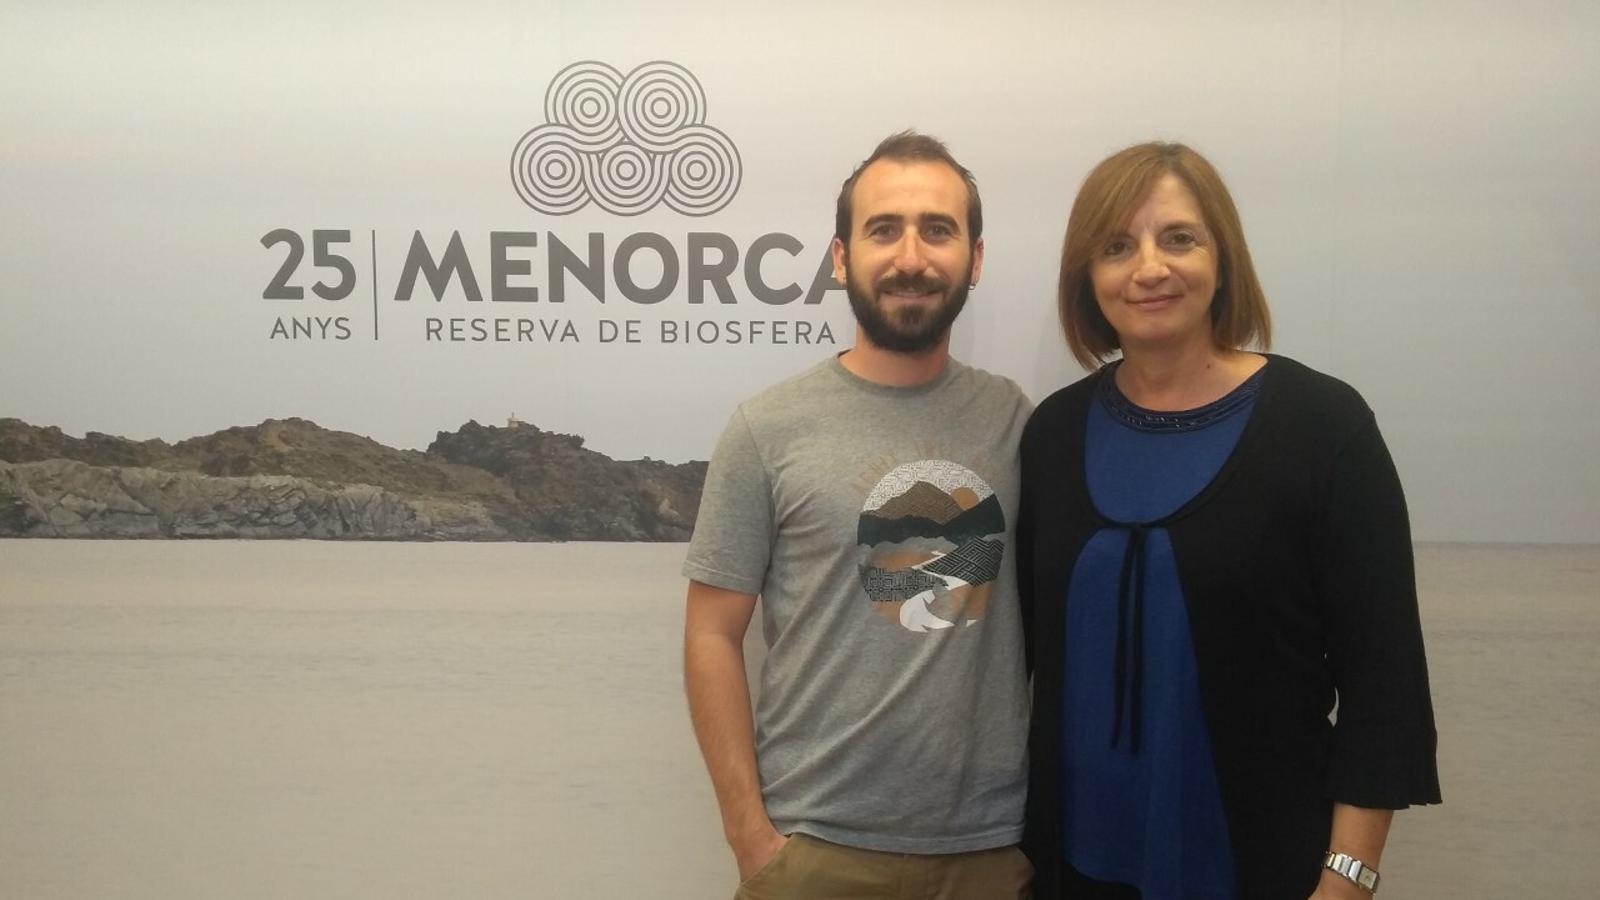 Menorca participa en la cimera mundial de la joventut sobre el clima de l'ONU